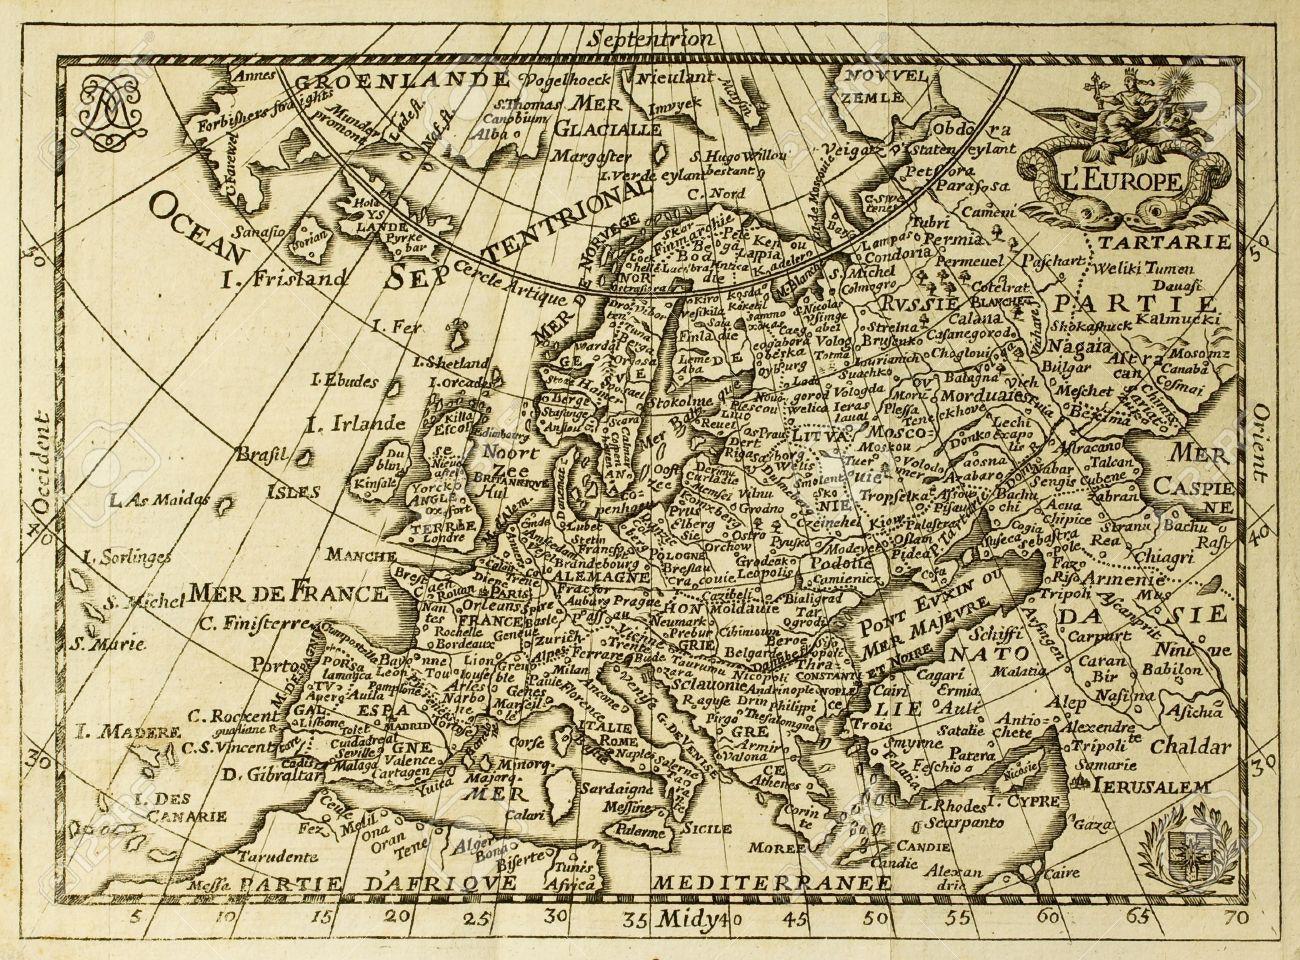 Carte Europe Avec Meridiens.Vieux Carte De L Europe Avec Les Paralleles Et Les Meridiens Peut Etre Date De La Fin Du Xvii S